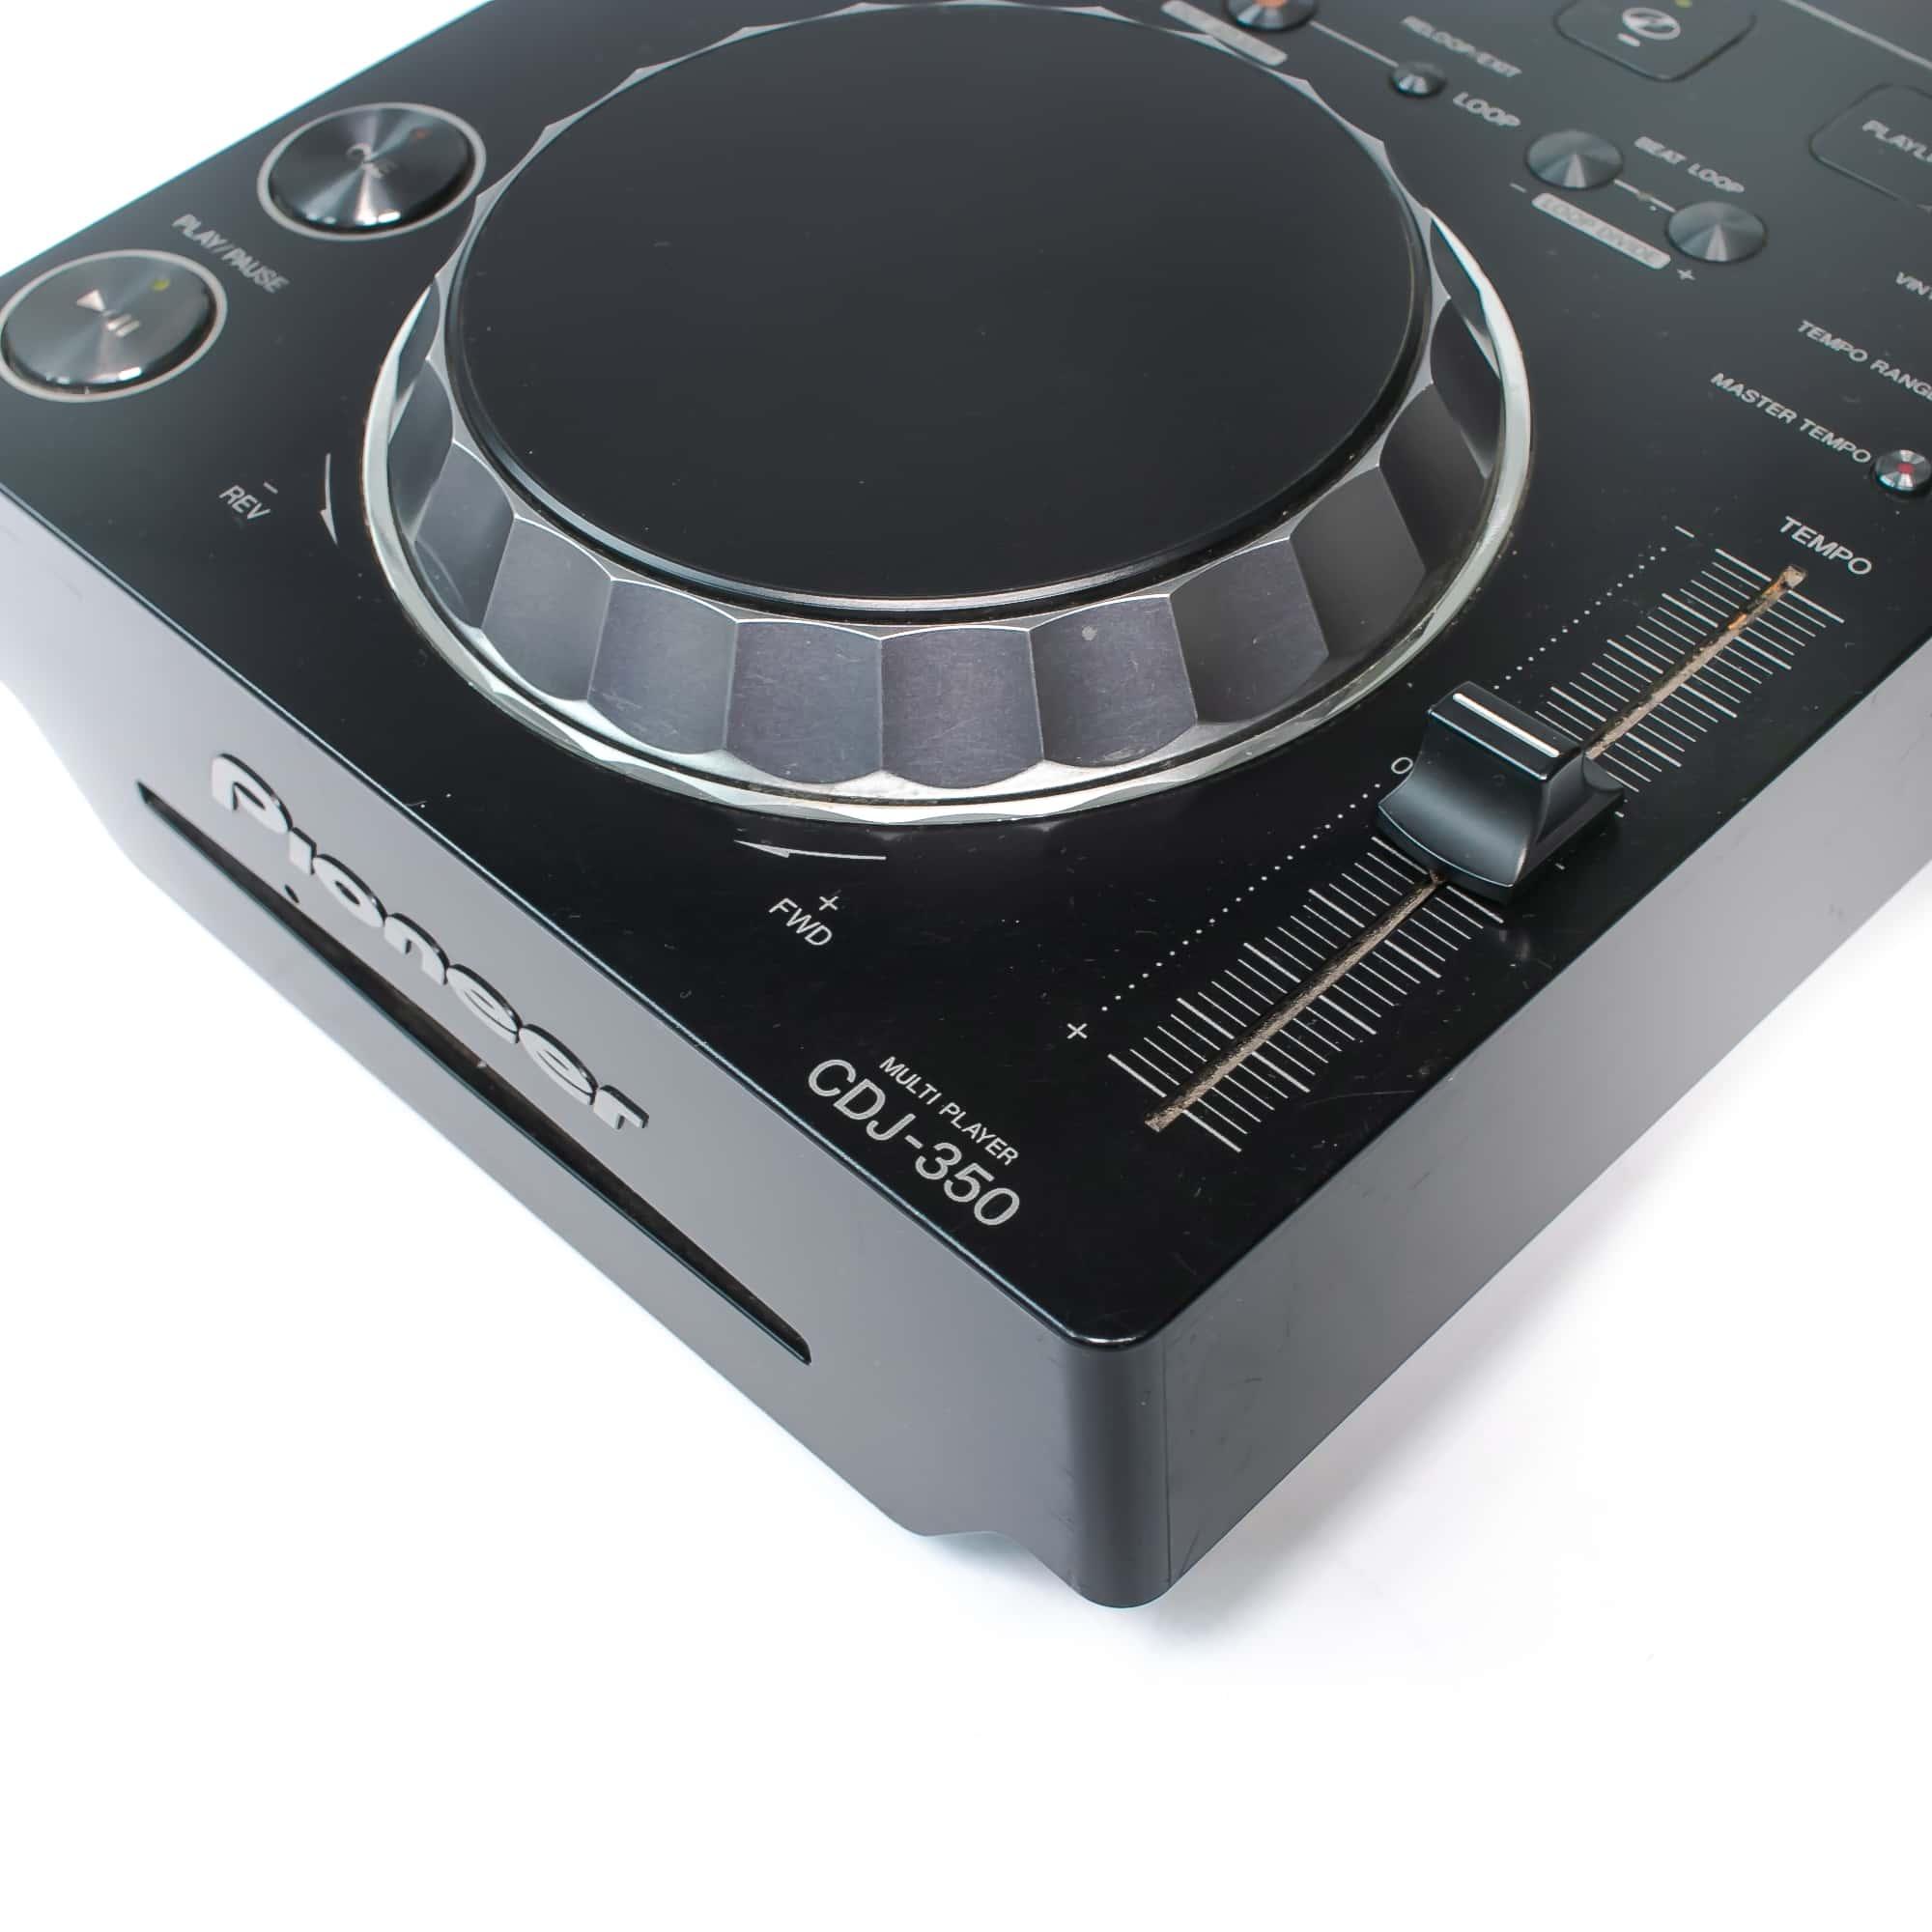 gebraucht kaufen Pioneer CDJ 350 Black